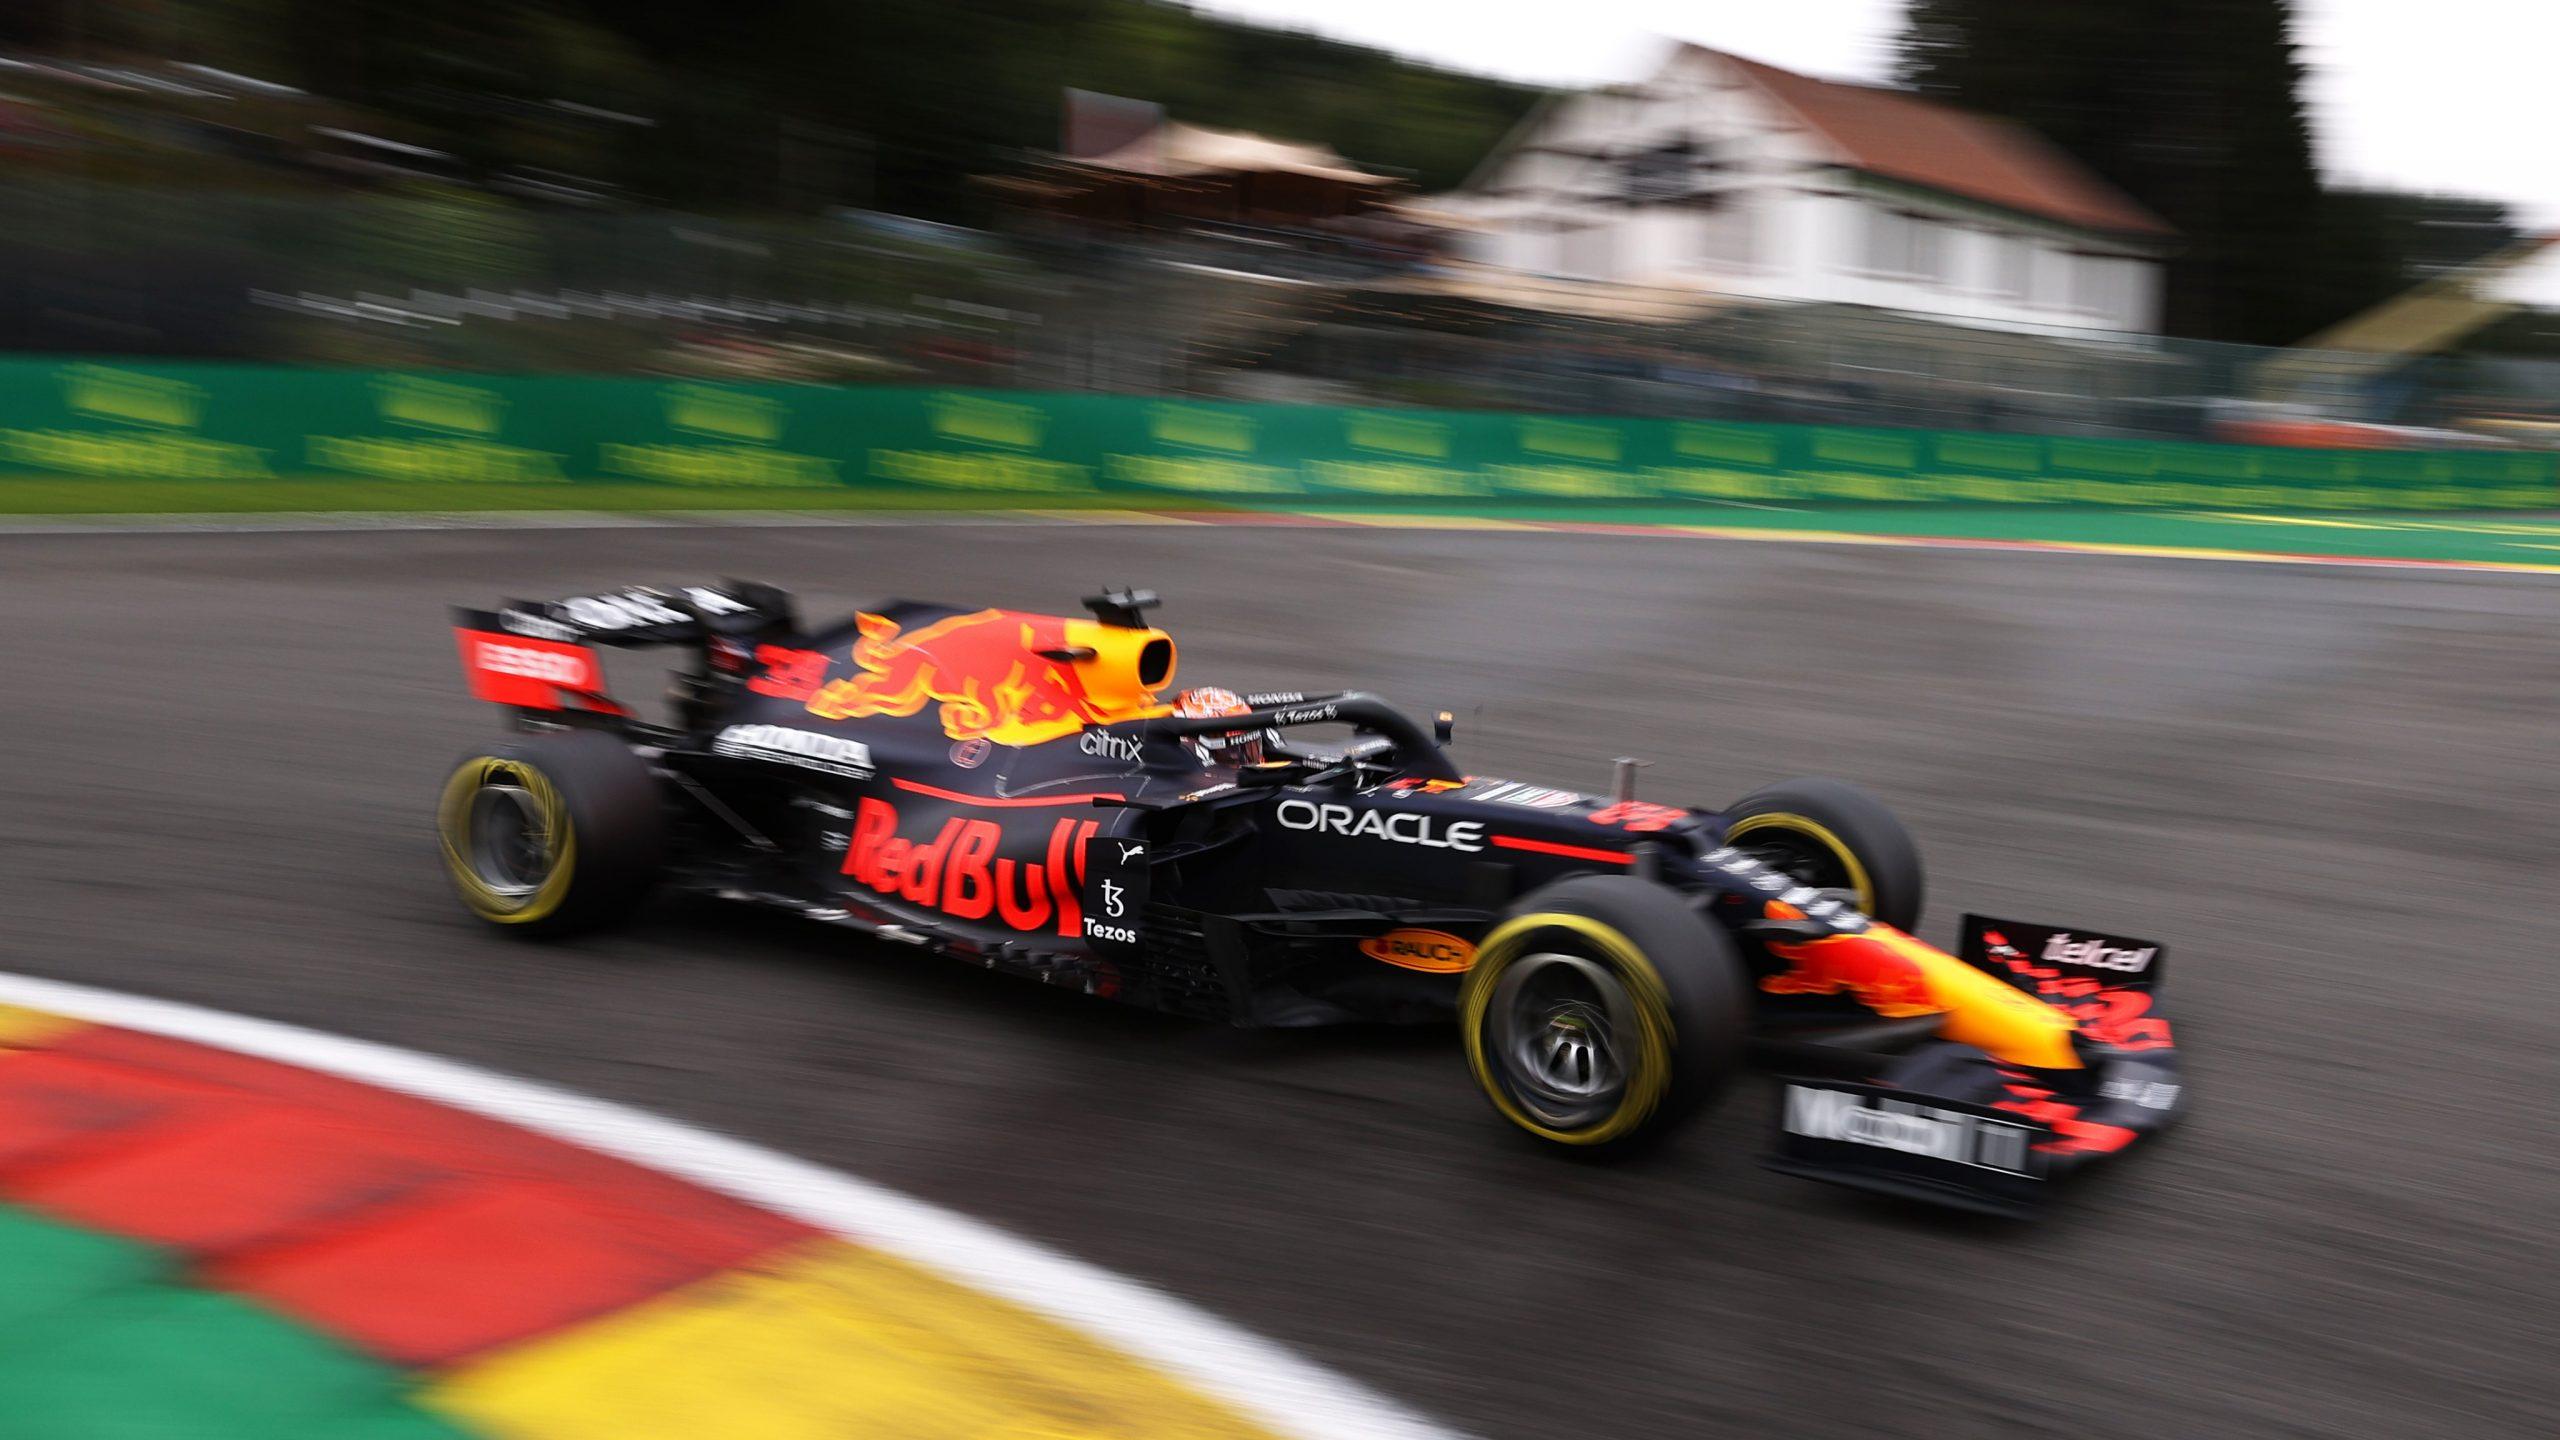 FP2, Gp Belgio: Verstappen primo, ma negli ultimi giri si schianta contro il muro. Ferrari fa fatica.